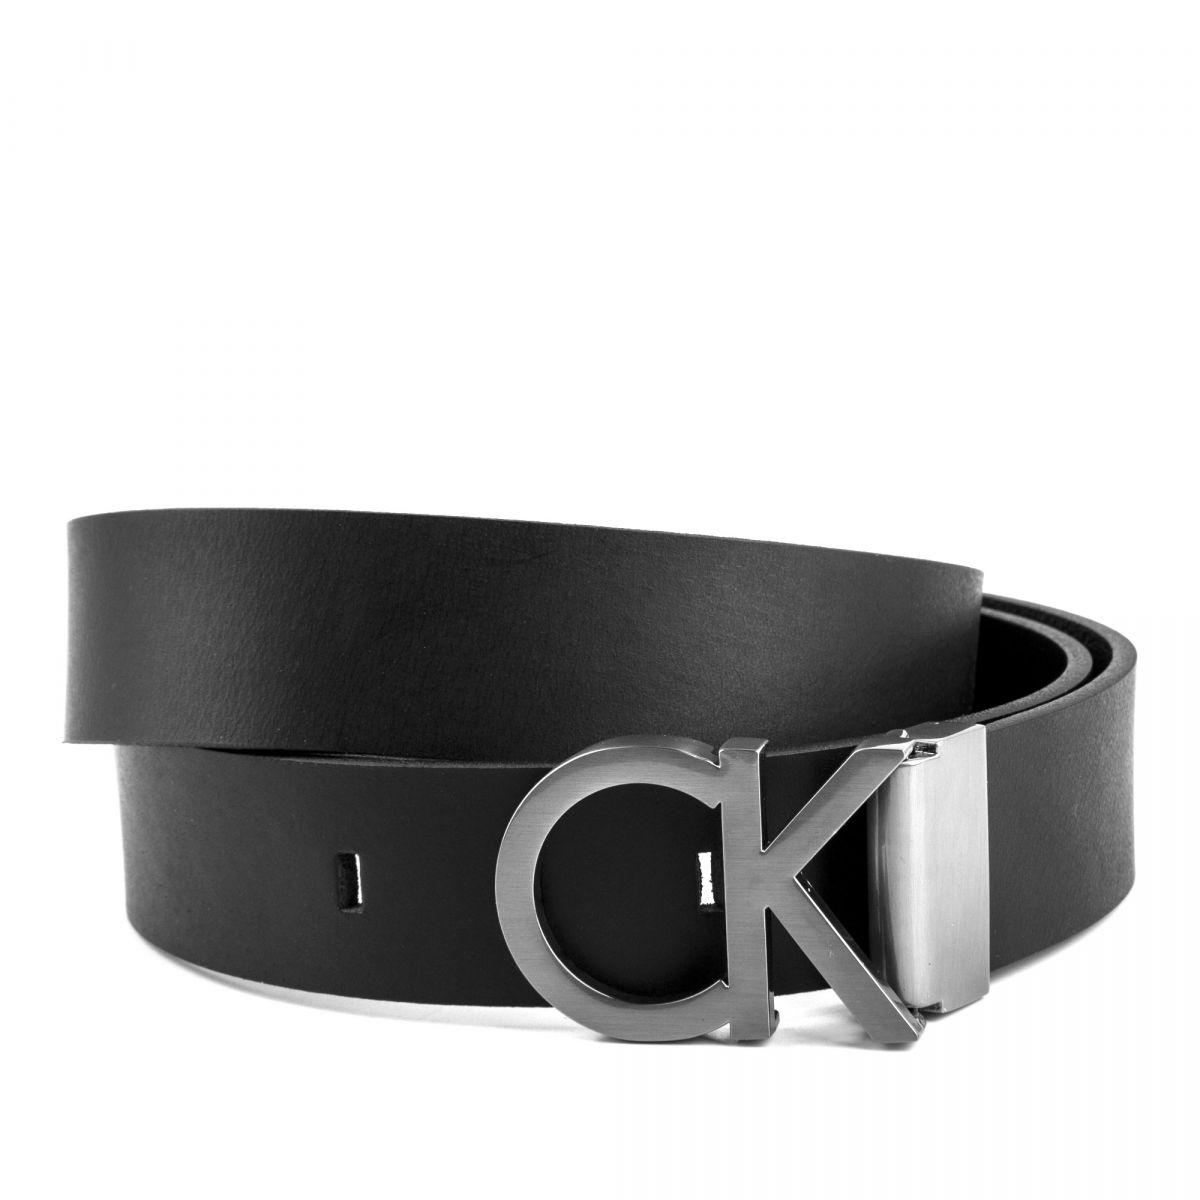 565e922de8f96 ... Coffret ceinture Homme CALVIN KLEIN marque pas cher prix dégriffés  destockage ...